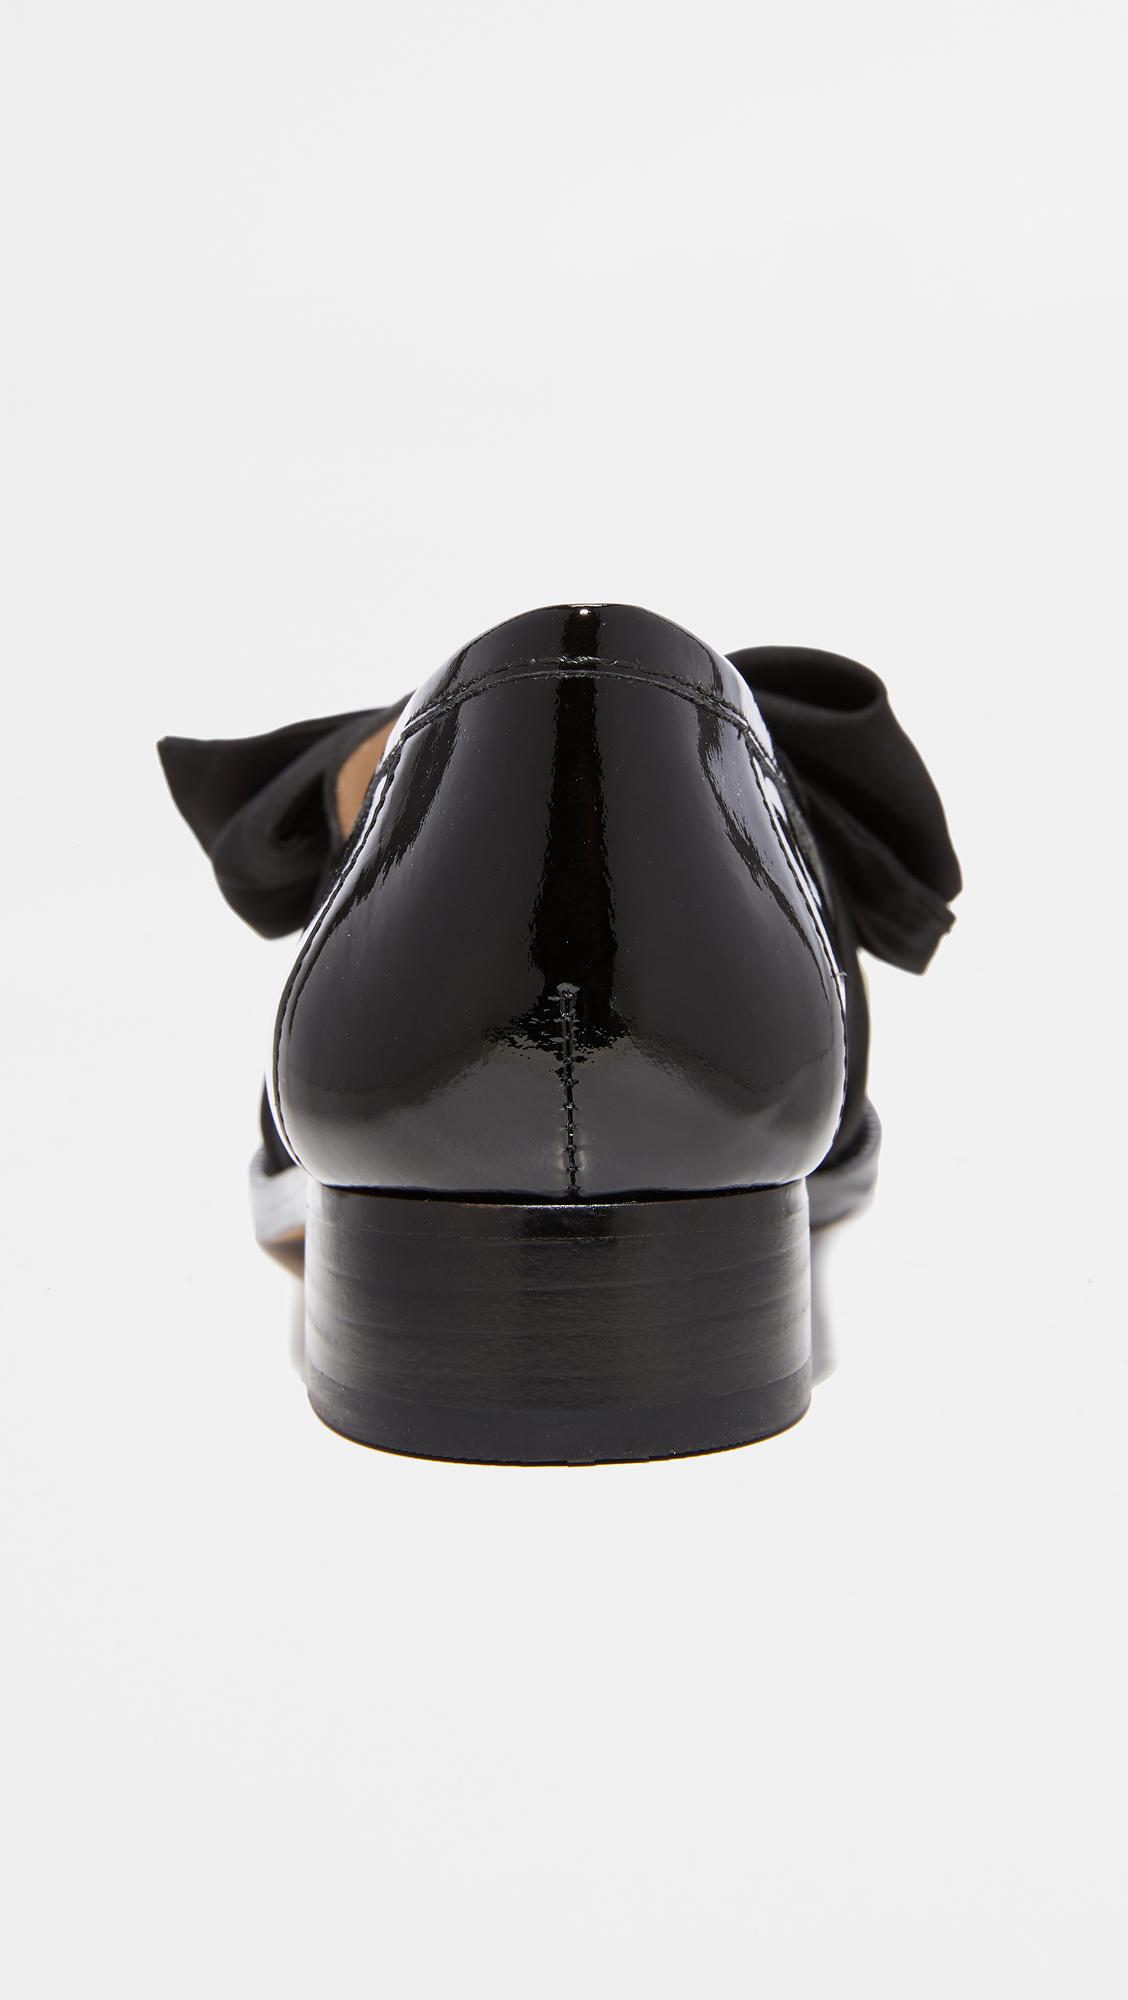 bae8de4ba7d Botkier Violet Bow Loafers